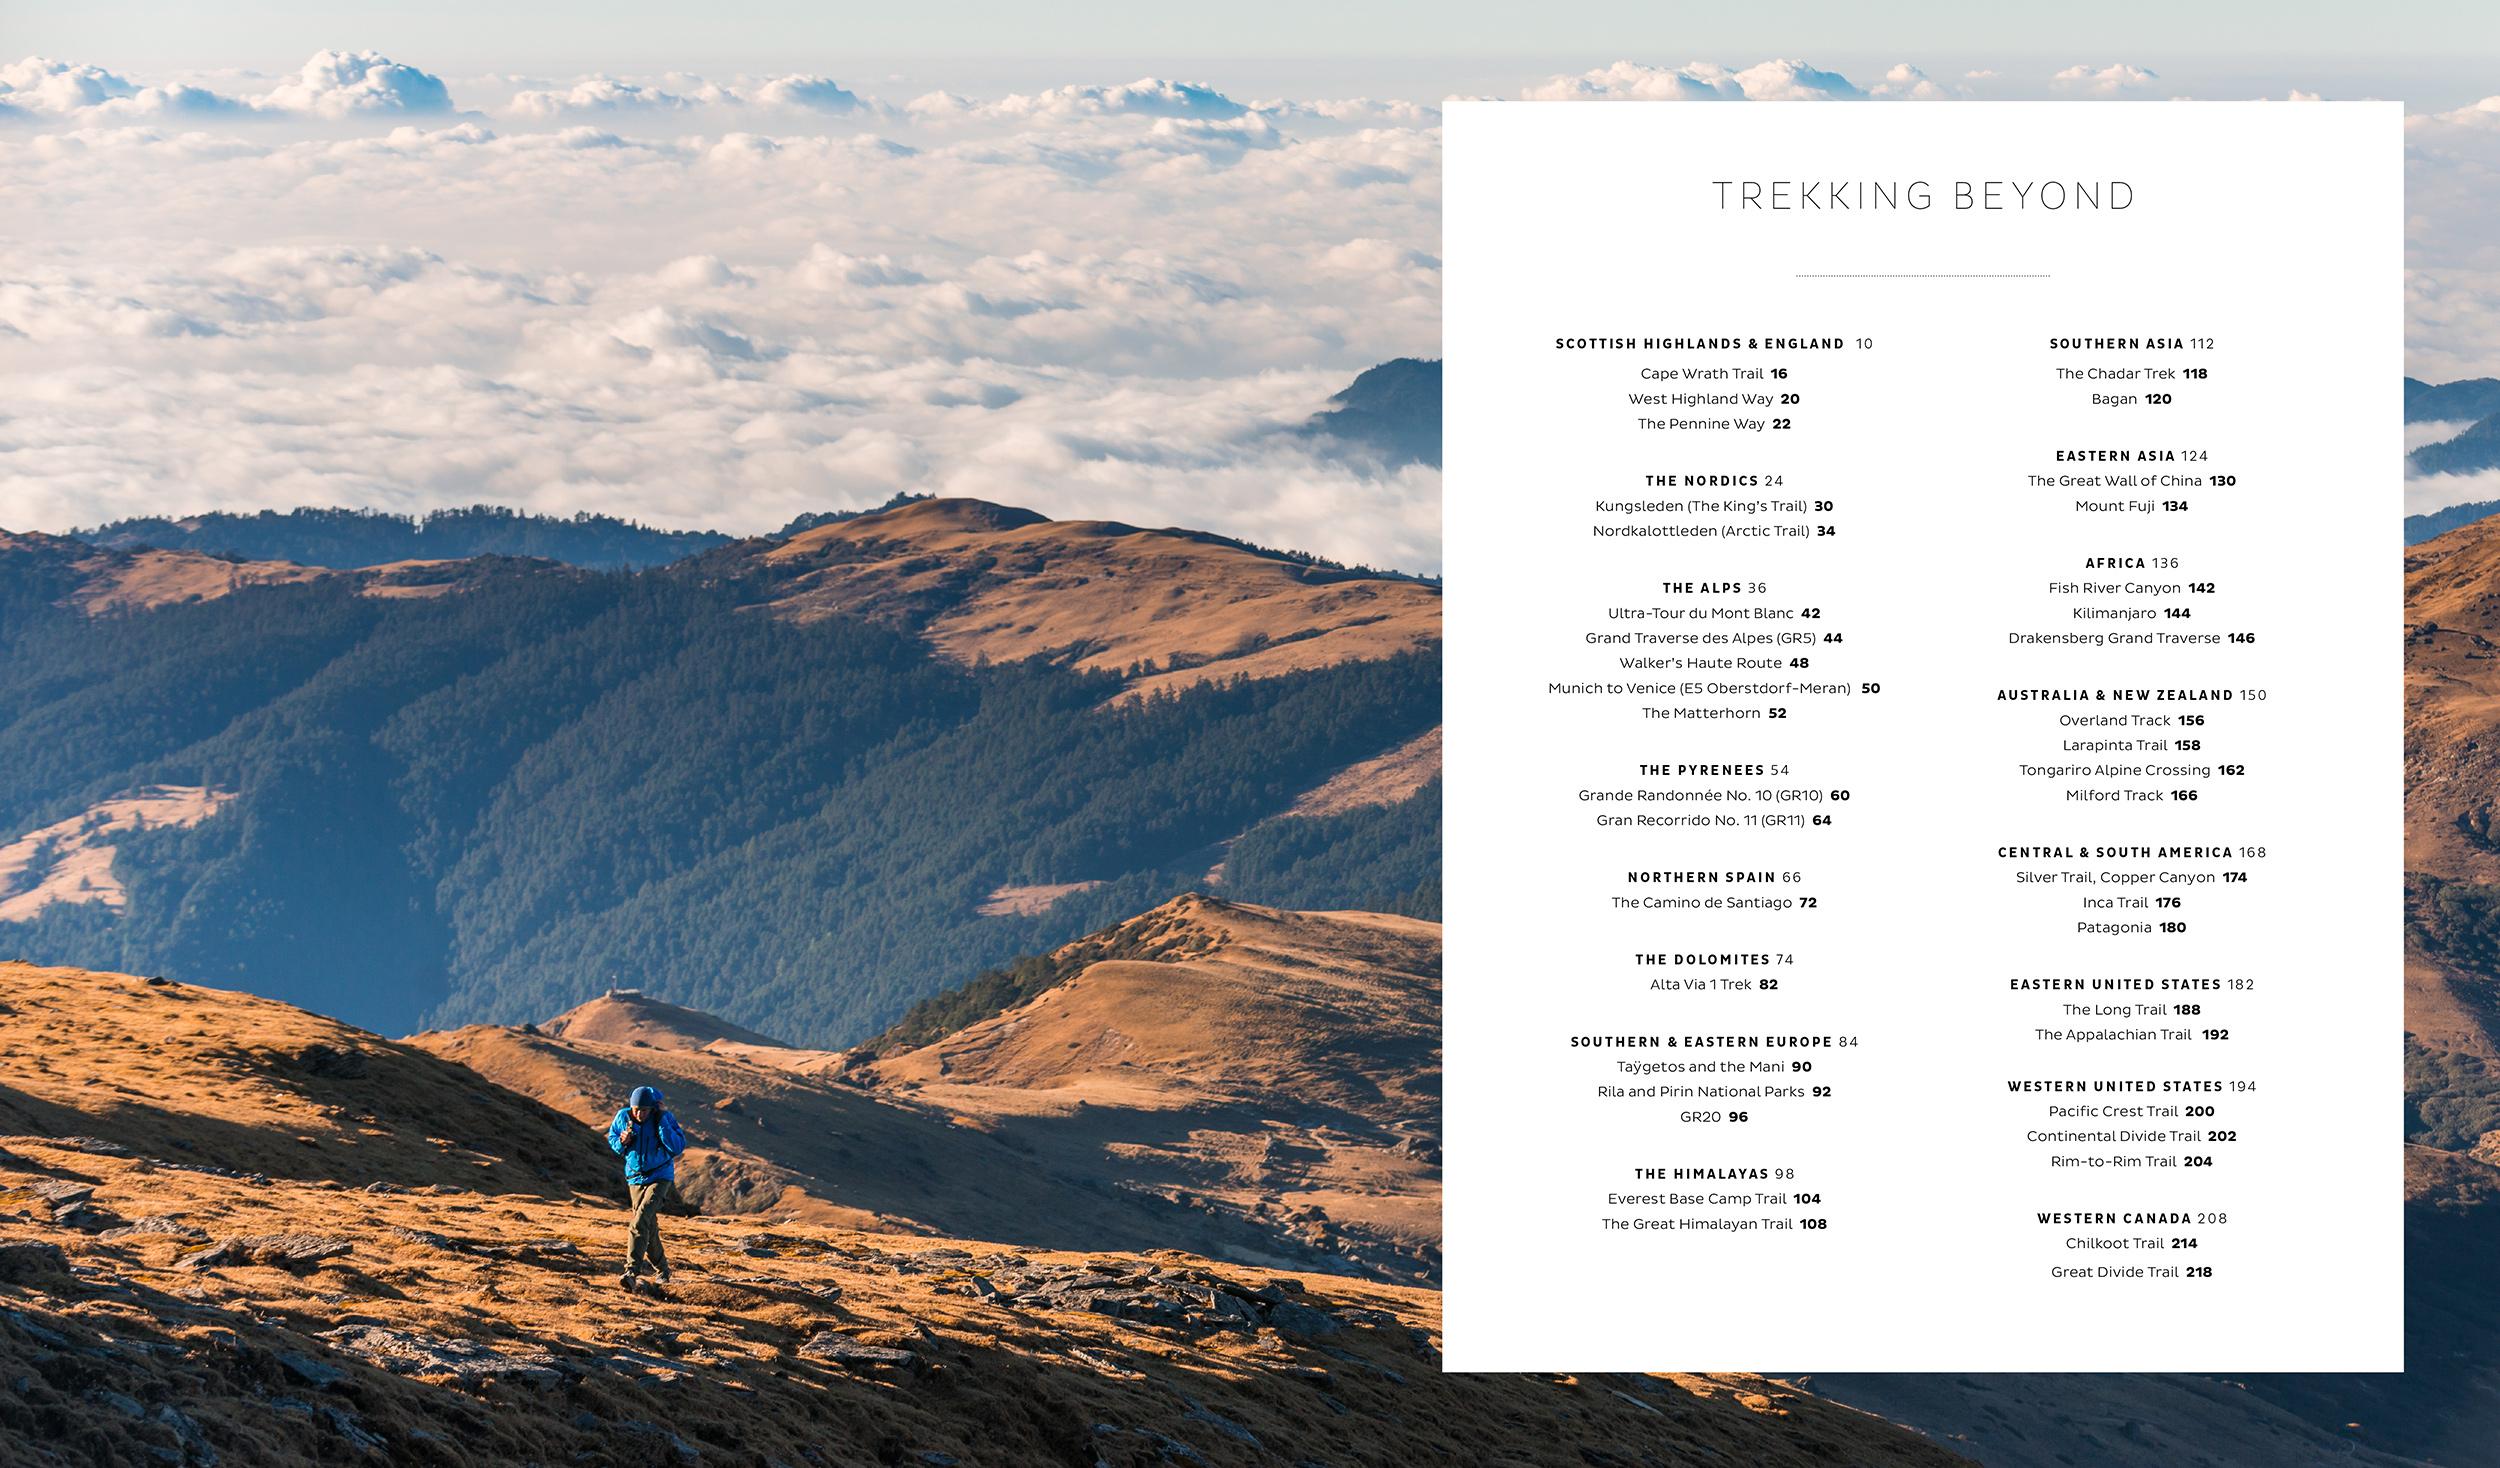 Trekking-Beyond-v3-April-2018-3.jpg